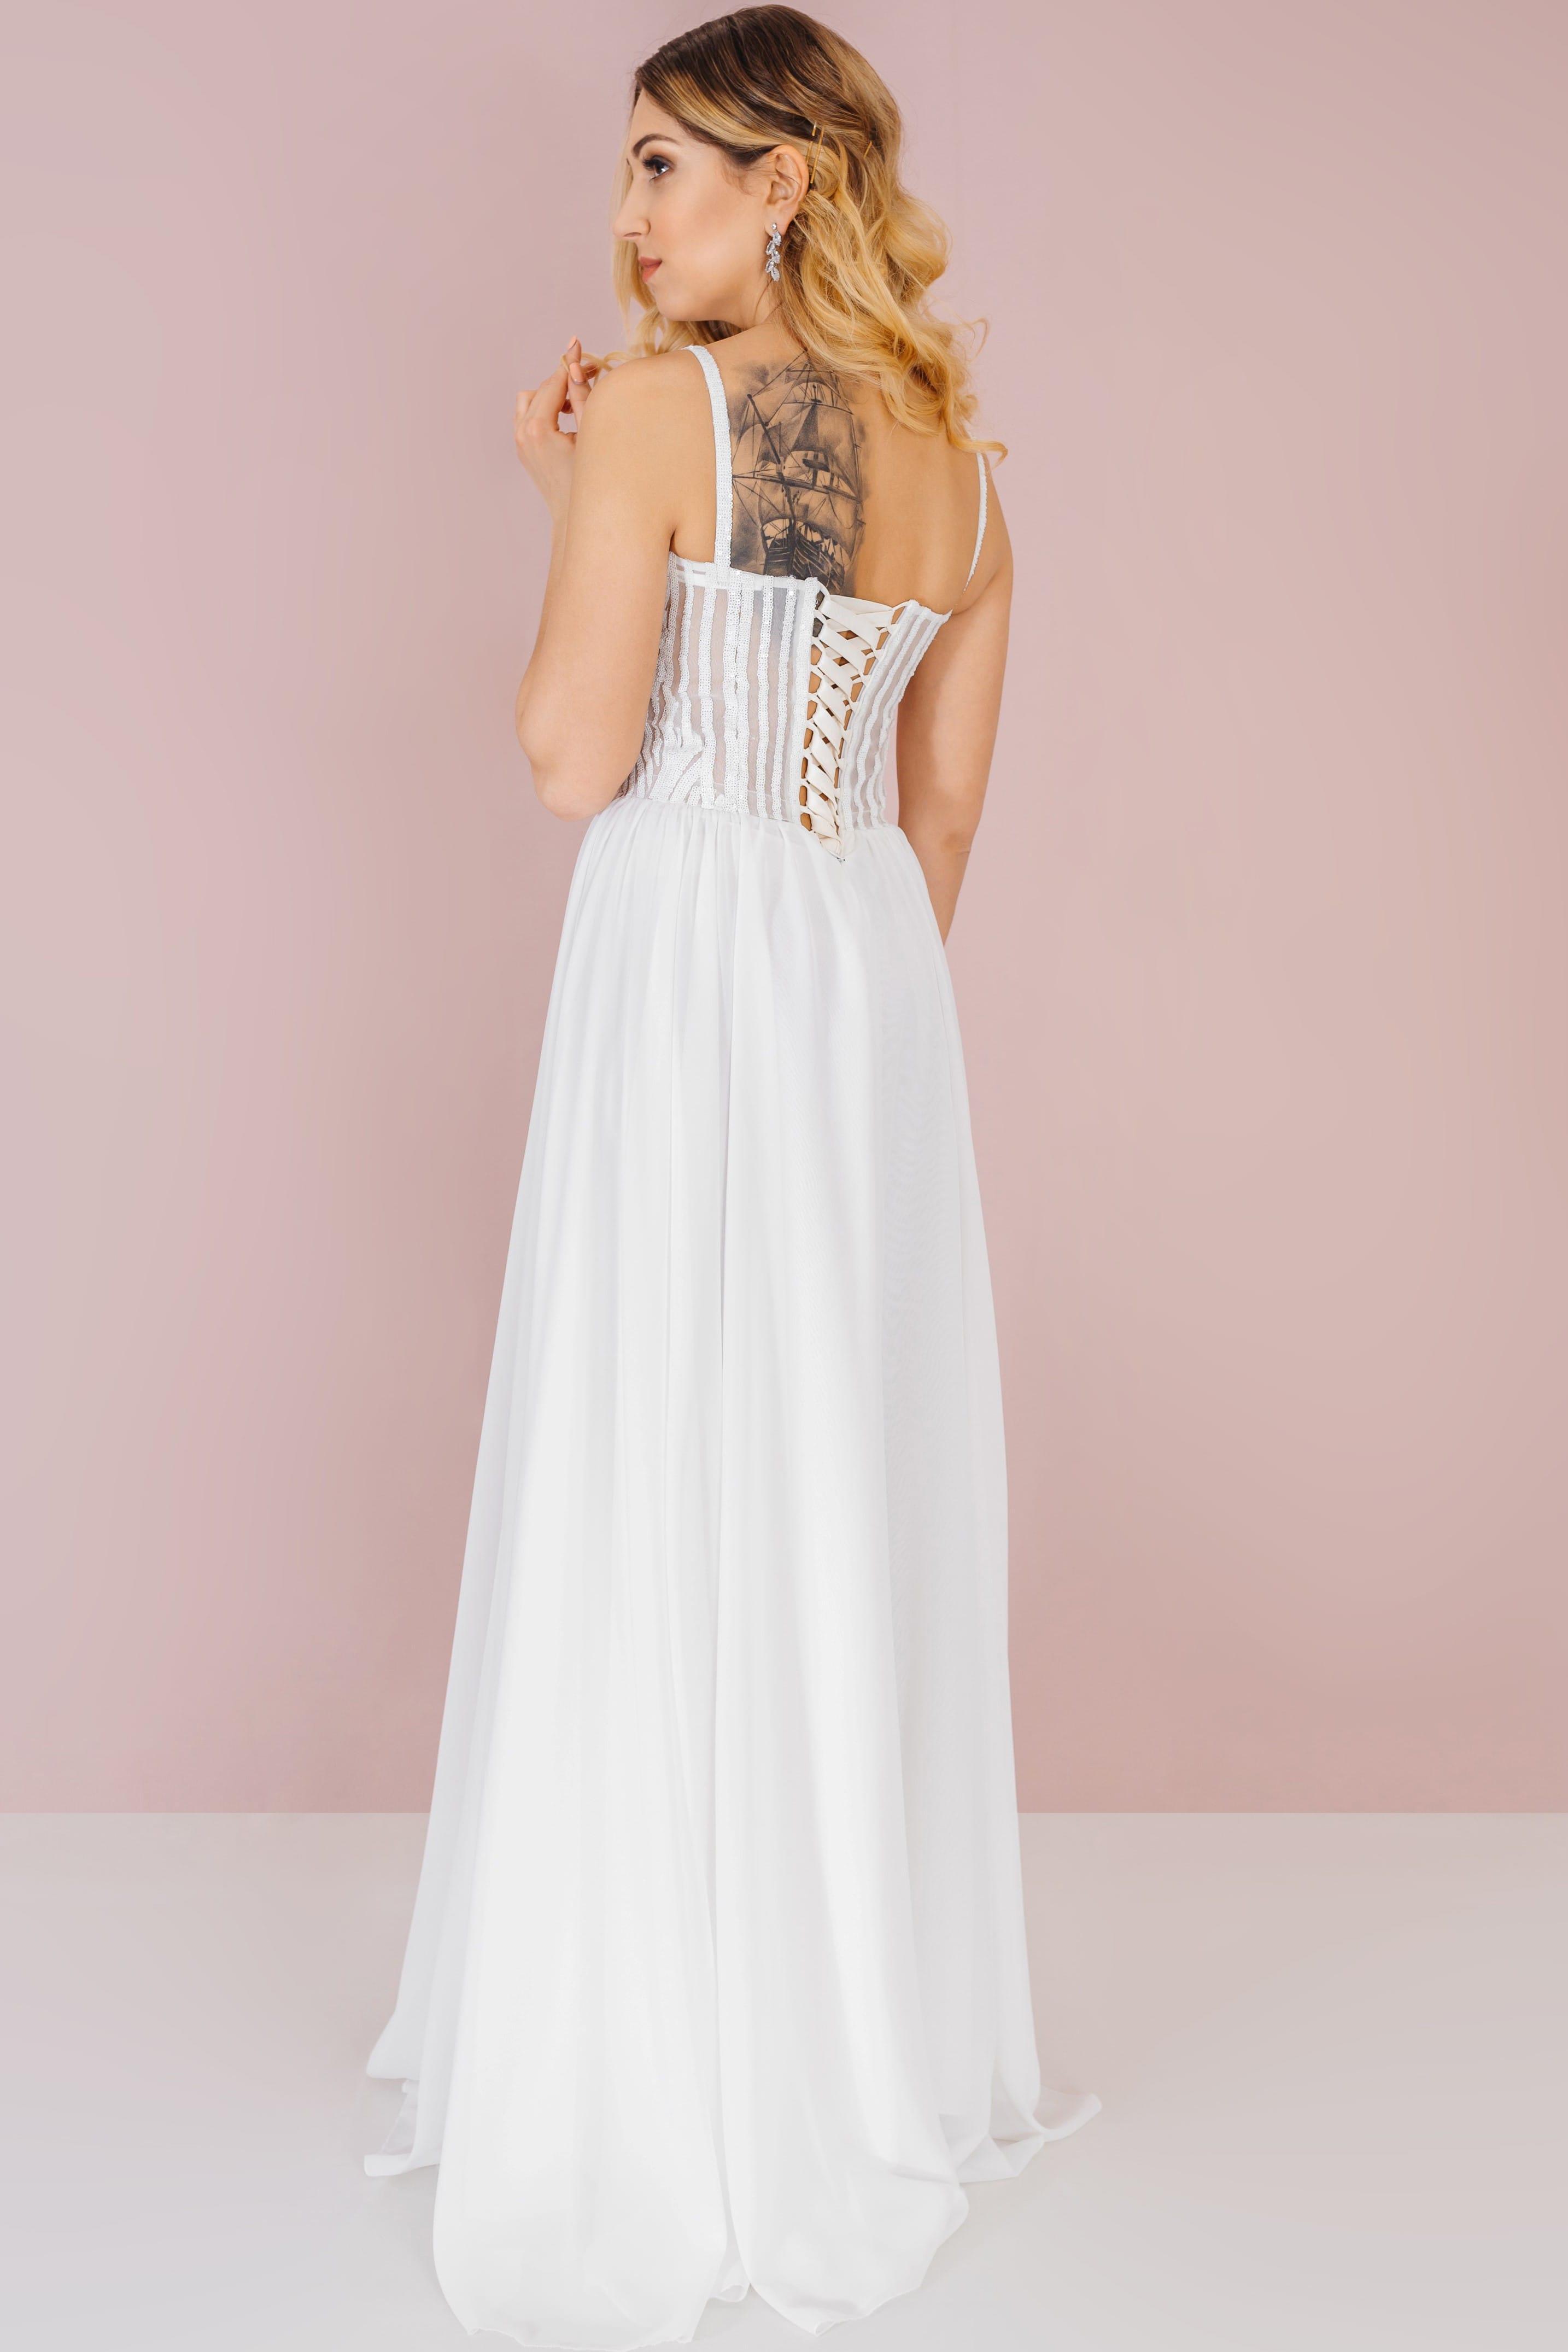 Свадебное платье SANDA, коллекция LOFT, бренд RARE BRIDAL, фото 2